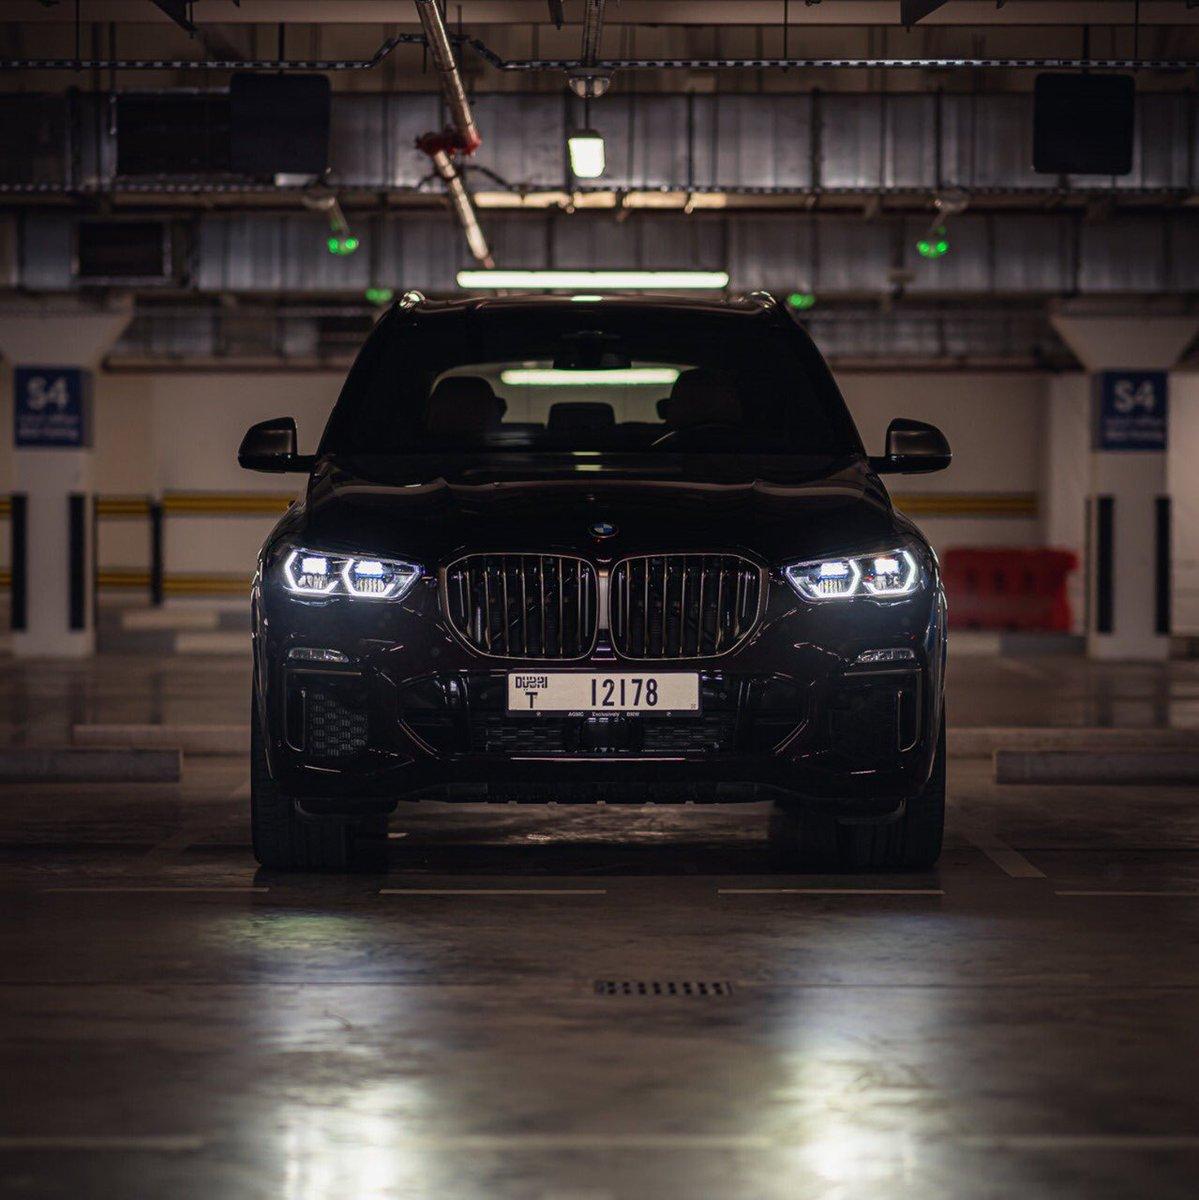 ترى قوتها في عينيها.   #BMWX5 #BMWAGMC https://t.co/LByZAldc2z